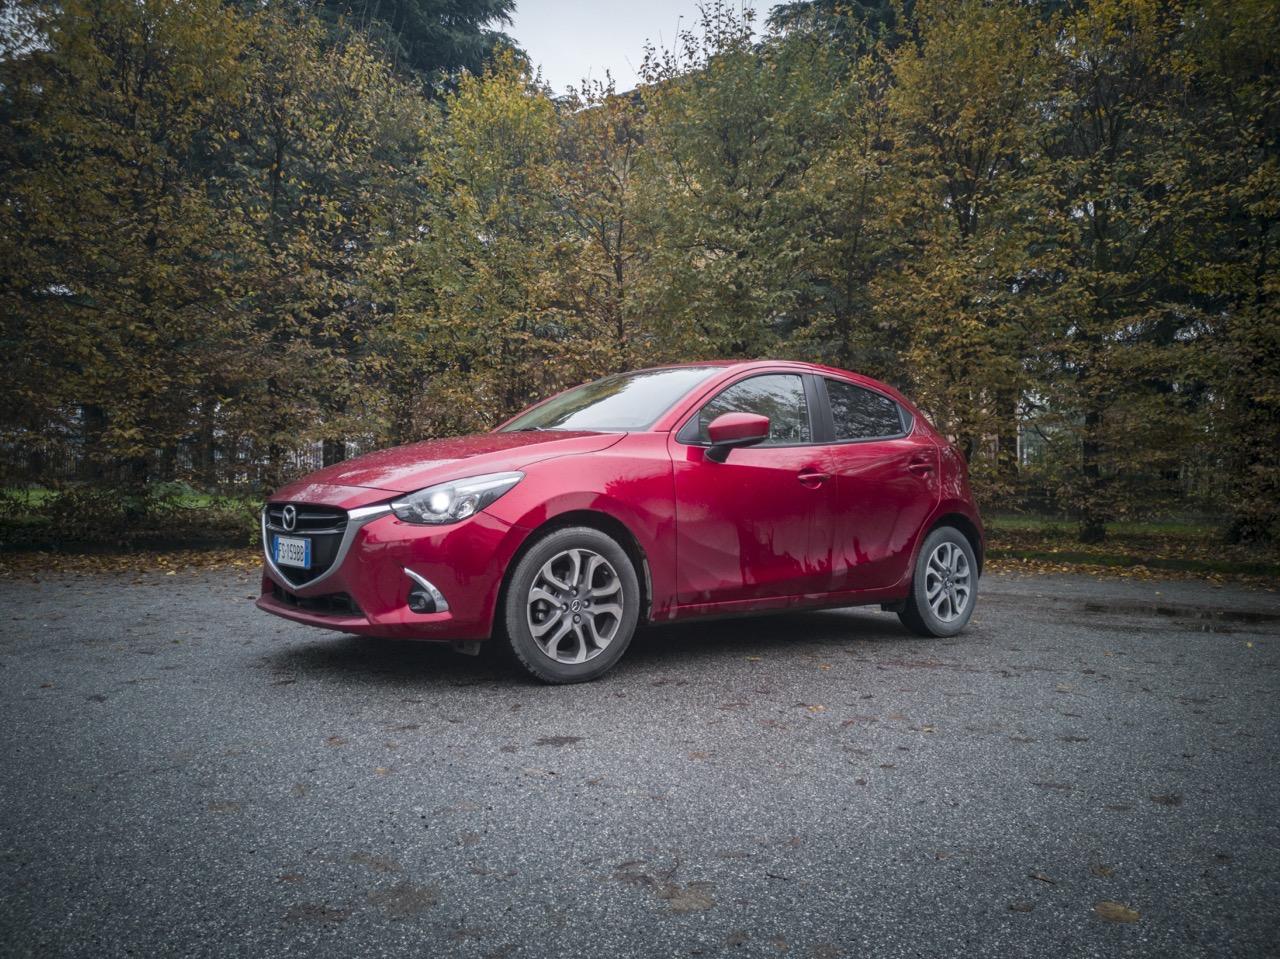 Mazda2 2018 - Test drive novembre 2018